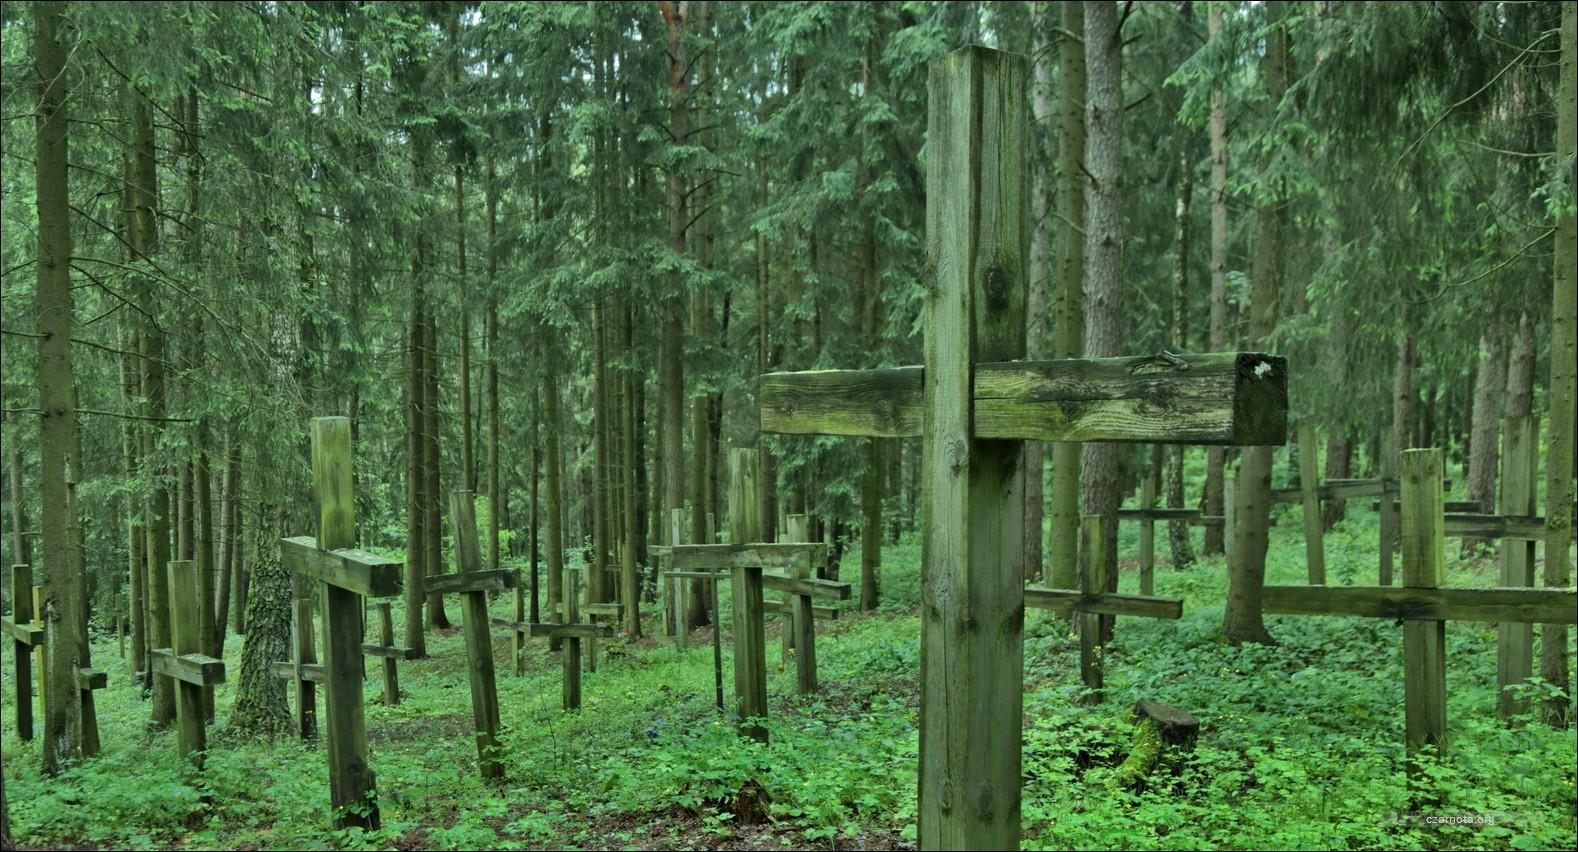 Курапа́ты , Курапаты, Kuropaty, Kurapaty, Minsk Belarus, Mińsk Białoruś, mass graves of Belarusians and Poles murdered by Soviet secret police NKVD